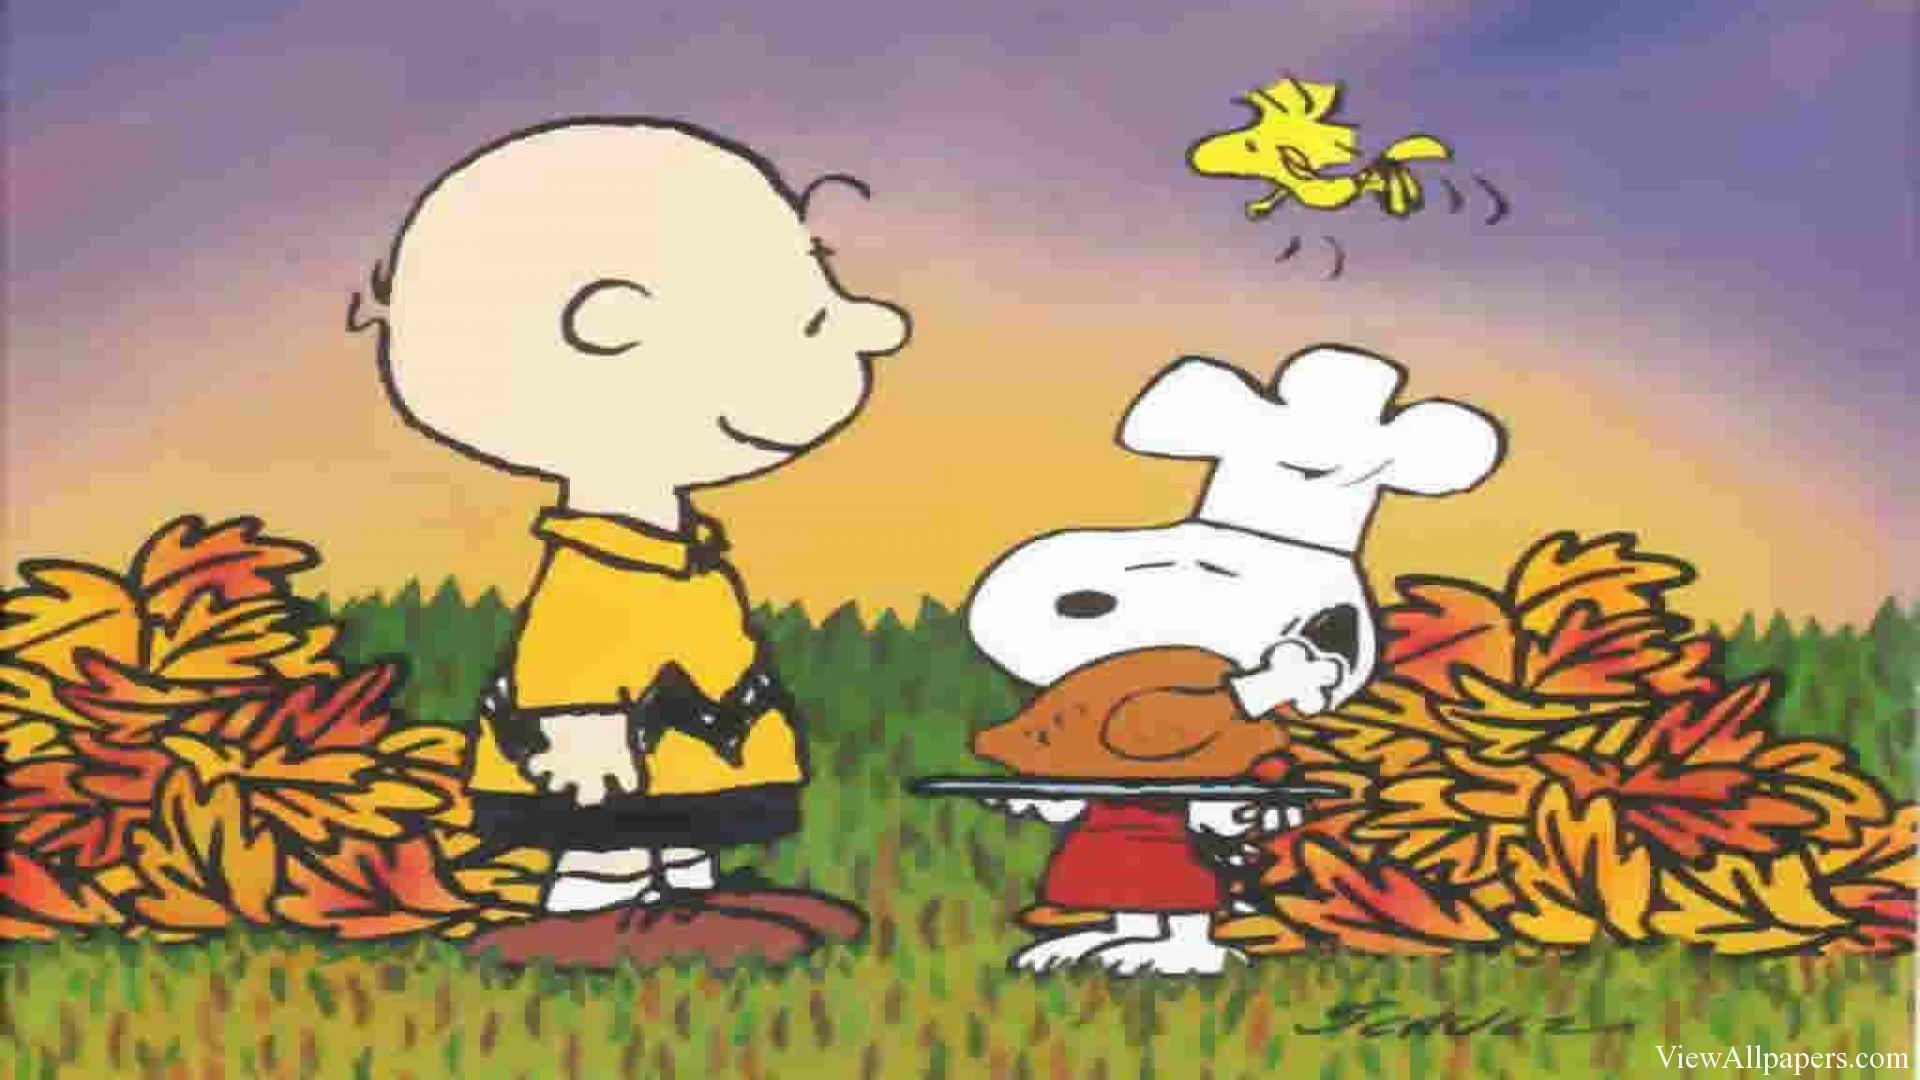 Charlie Brown Screensavers and Wallpaper  WallpaperSafari